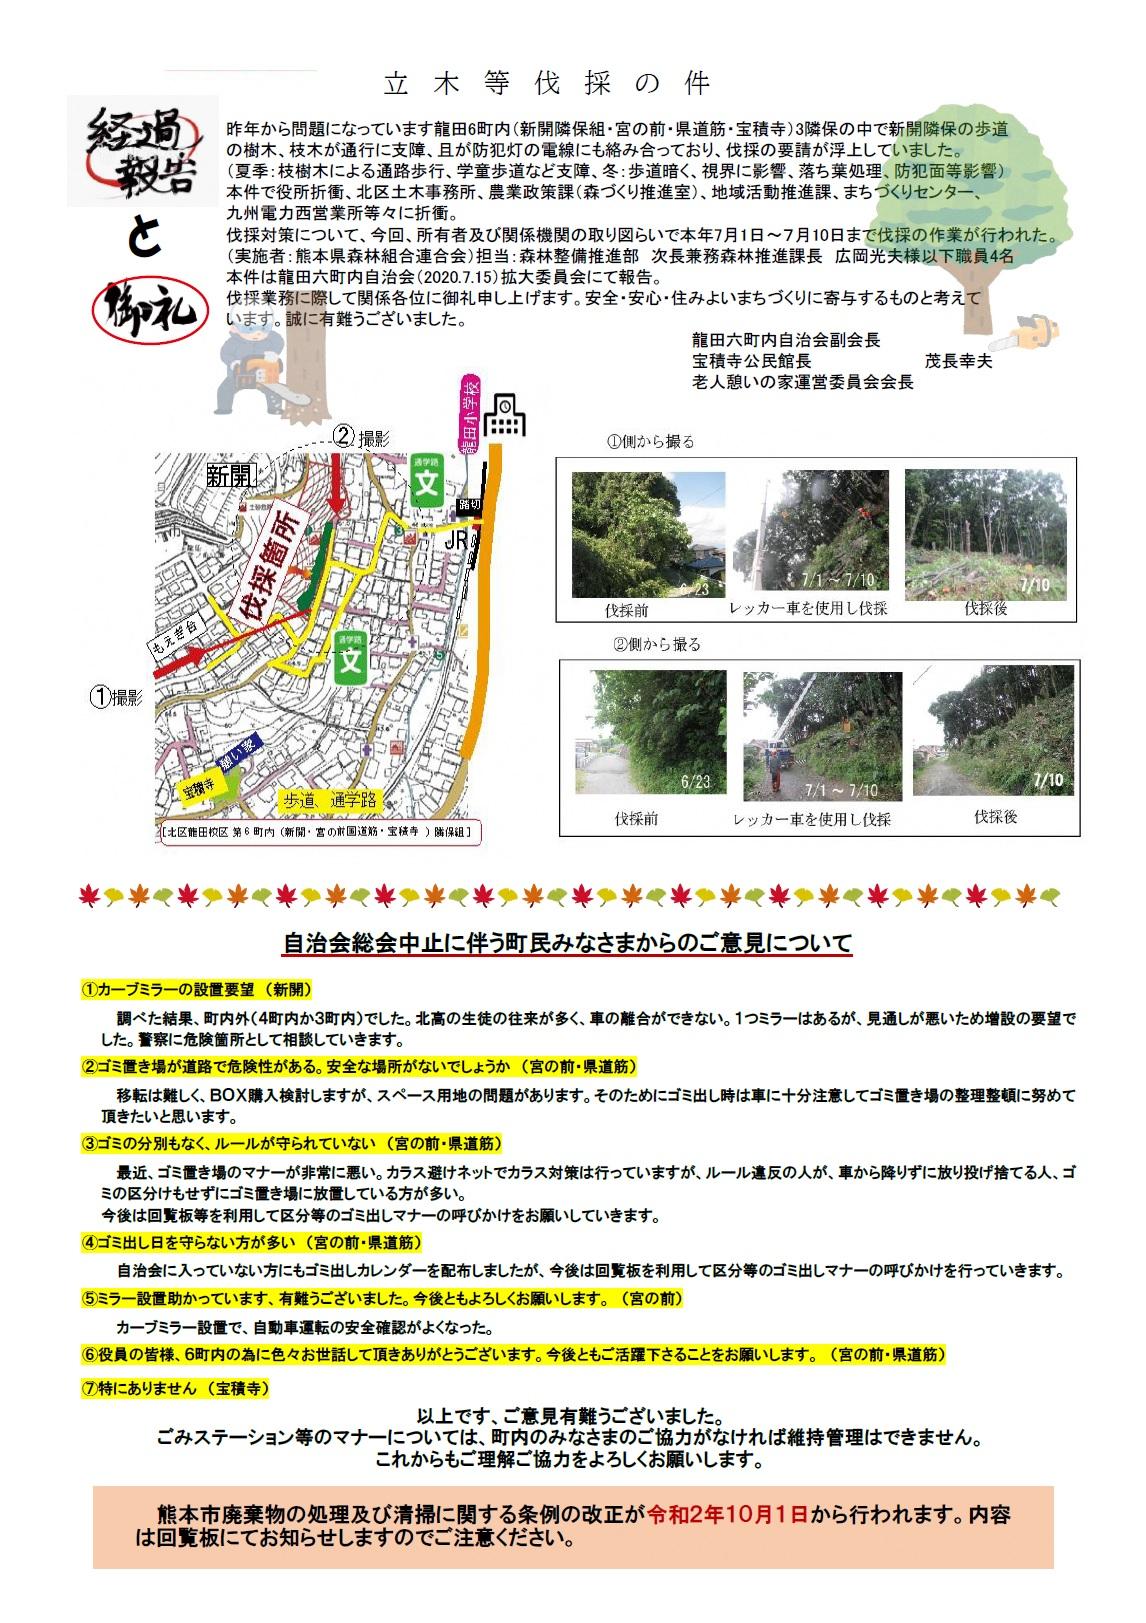 龍田校区6町内会報紙(裏)